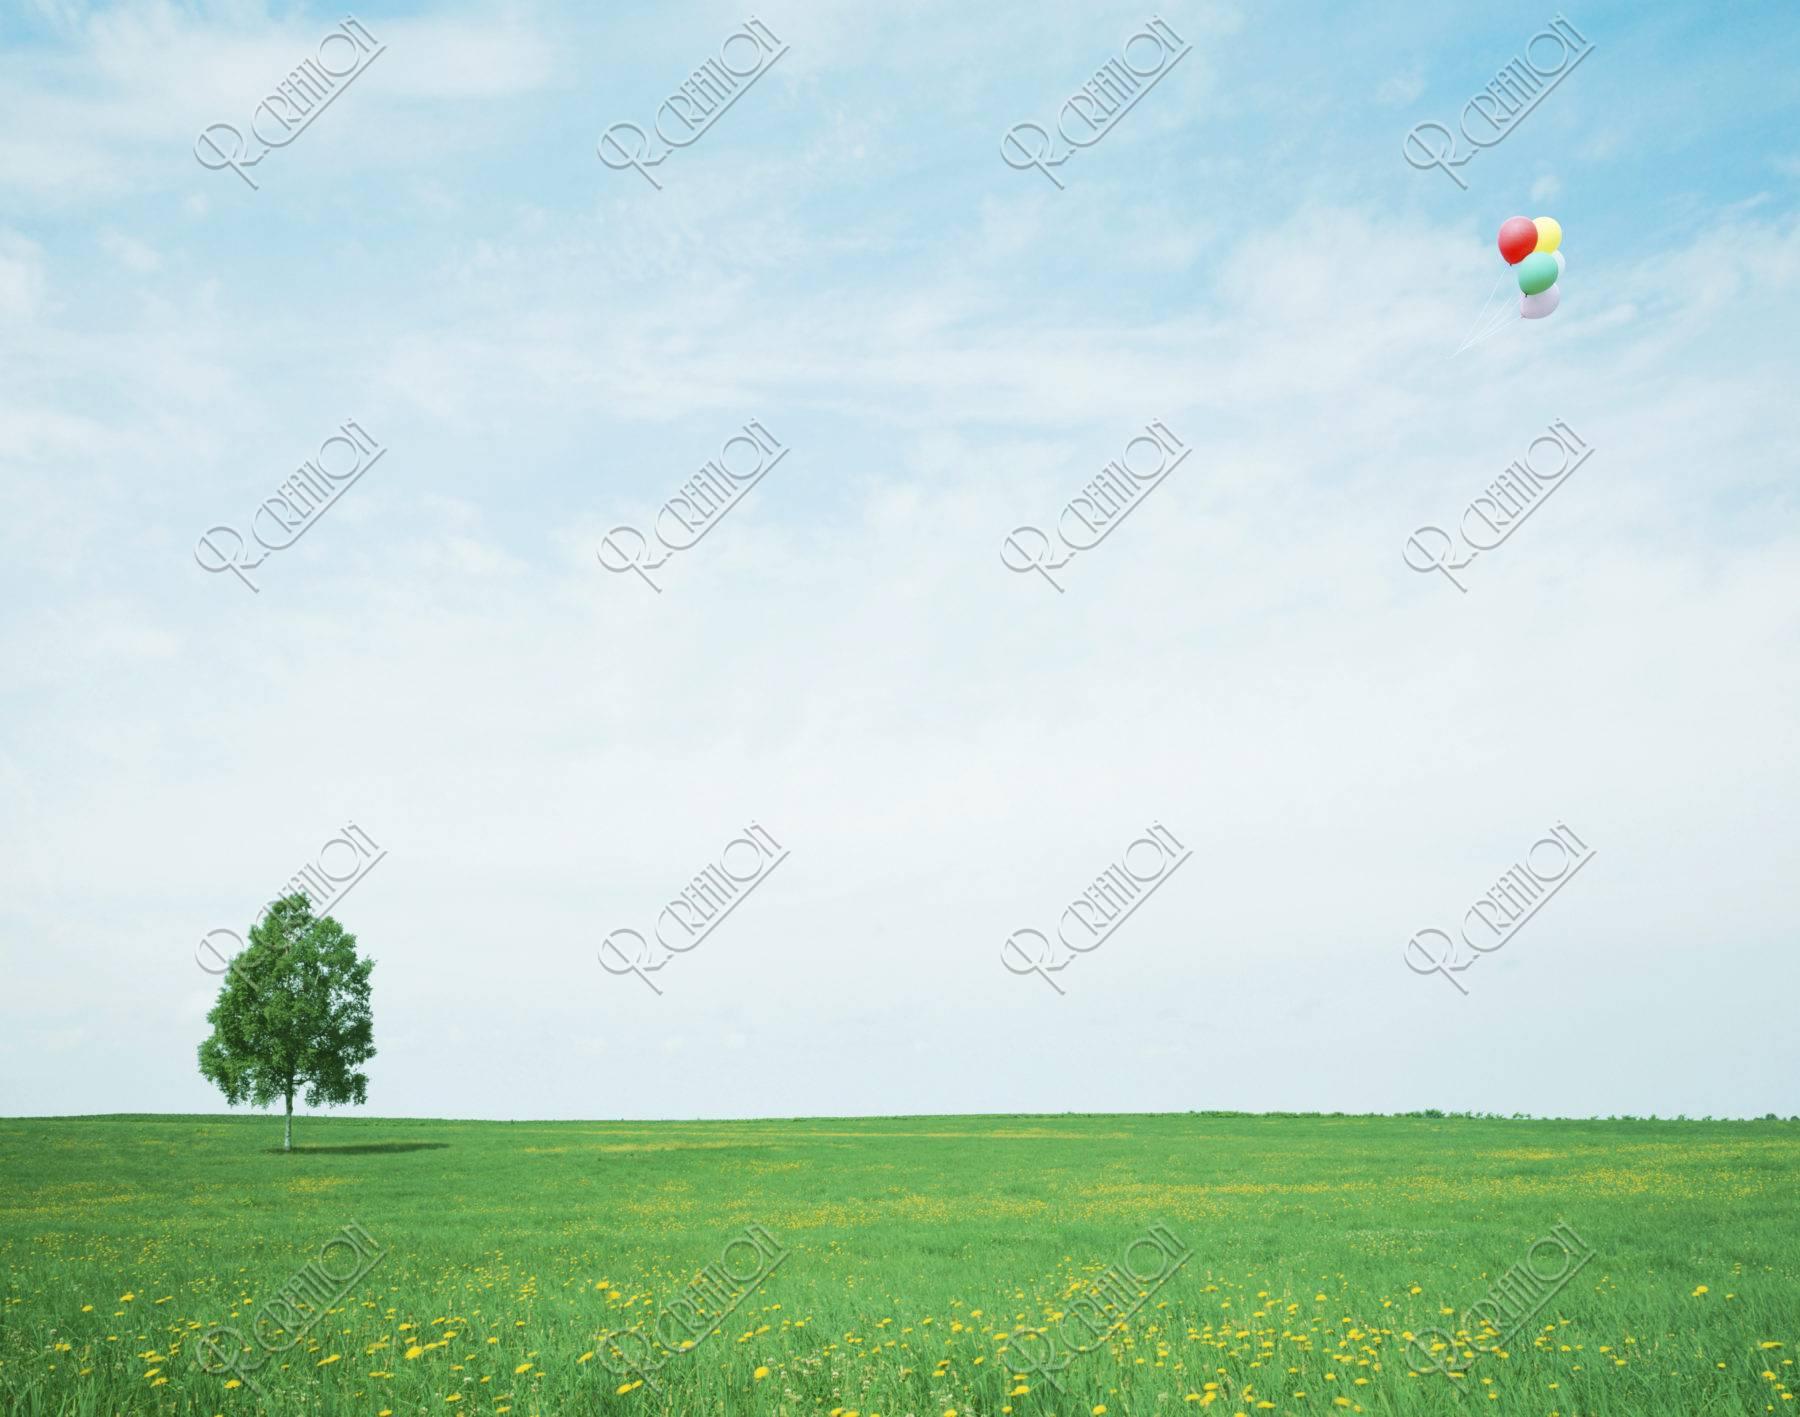 風船 草原 合成